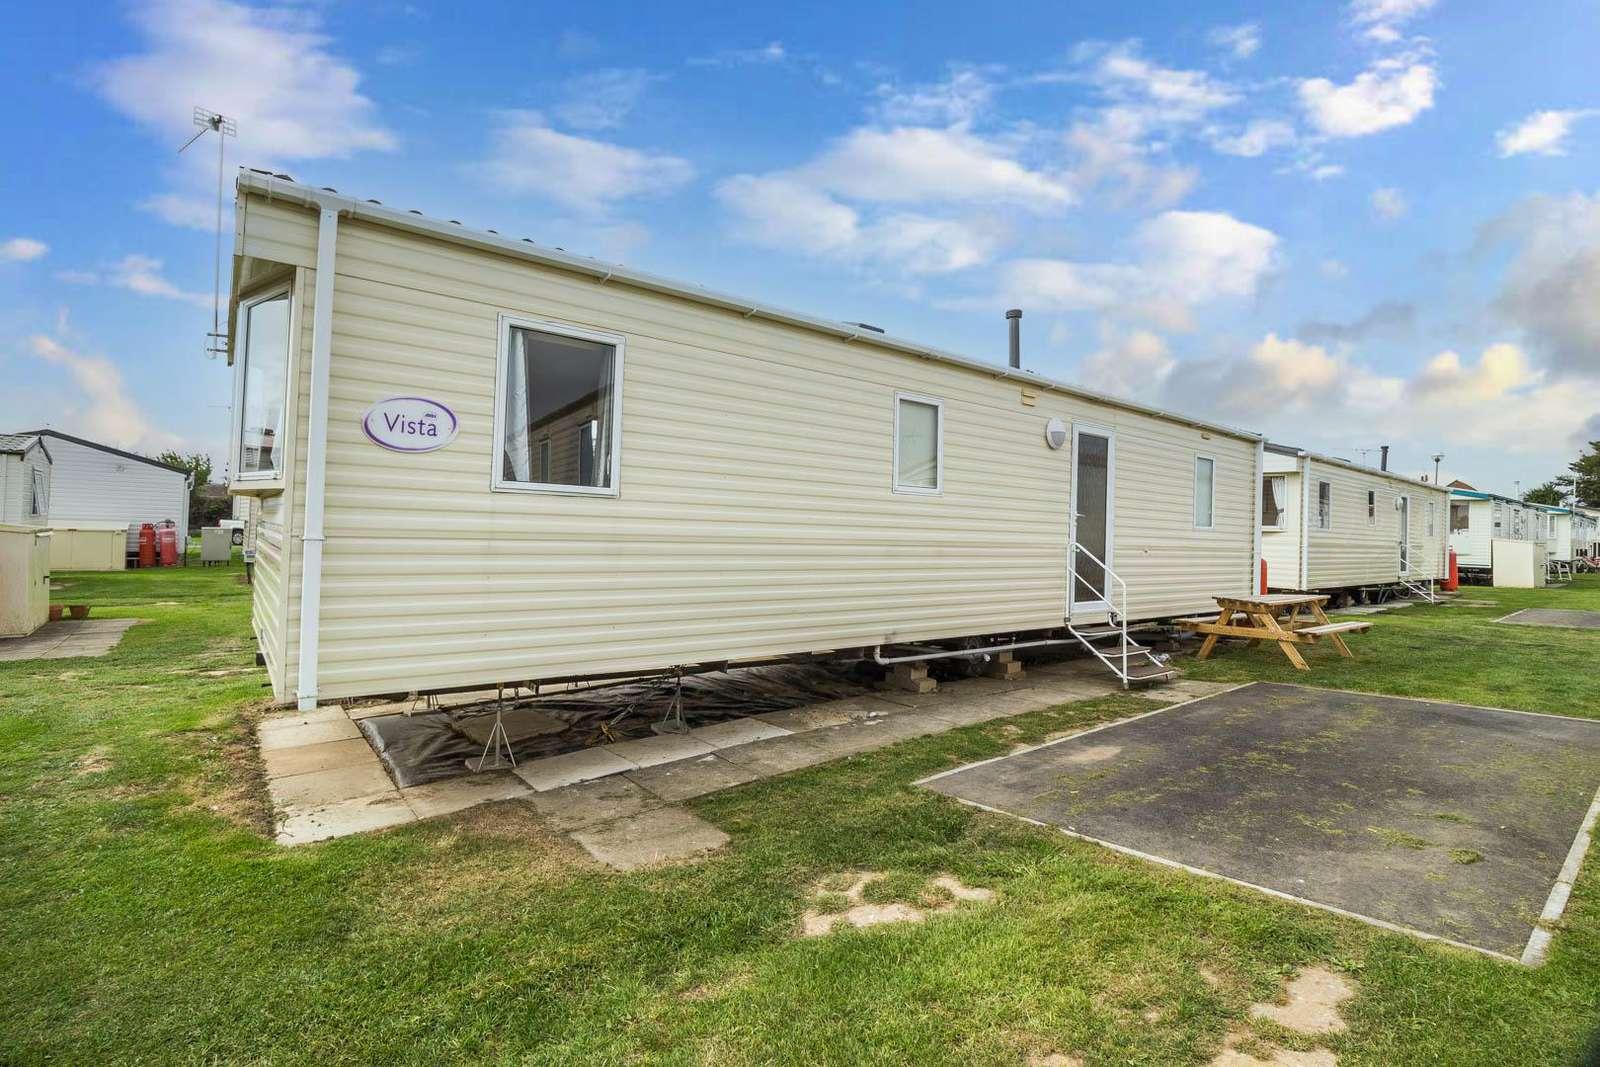 50053H – Heron area, 3 bed, 8 berth caravan. Emerald rated. - property